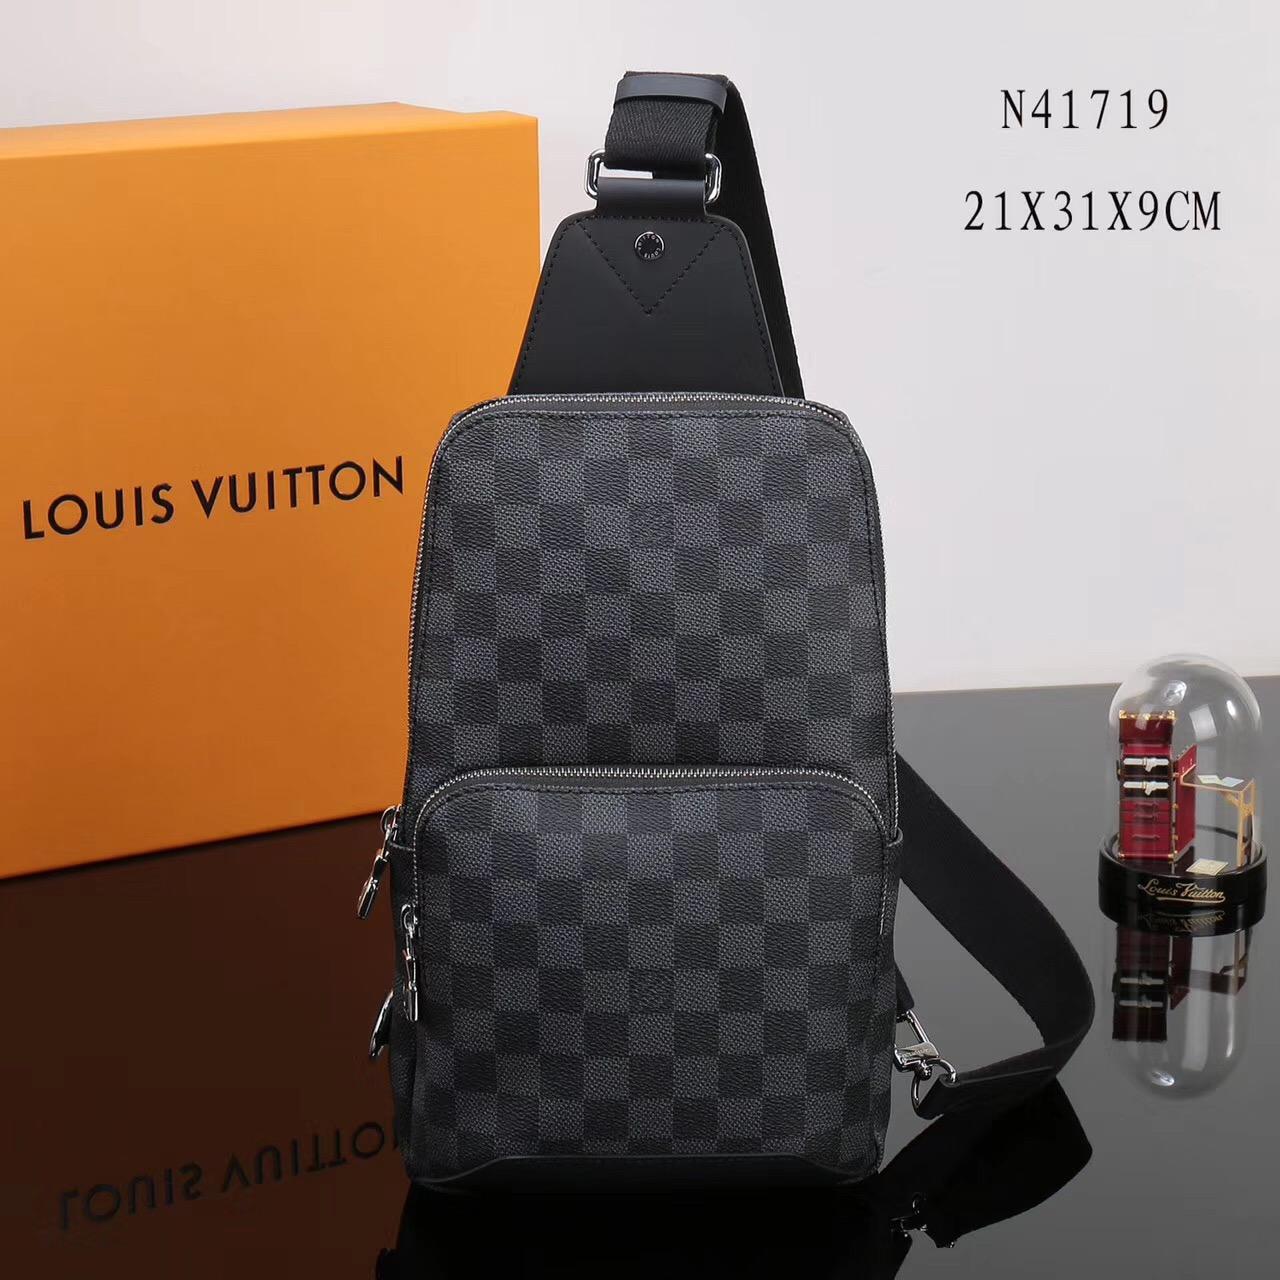 a96743254b76 Men LV Louis Vuitton Avenue Shoulder Damier bags N41719 Graphite Handbags